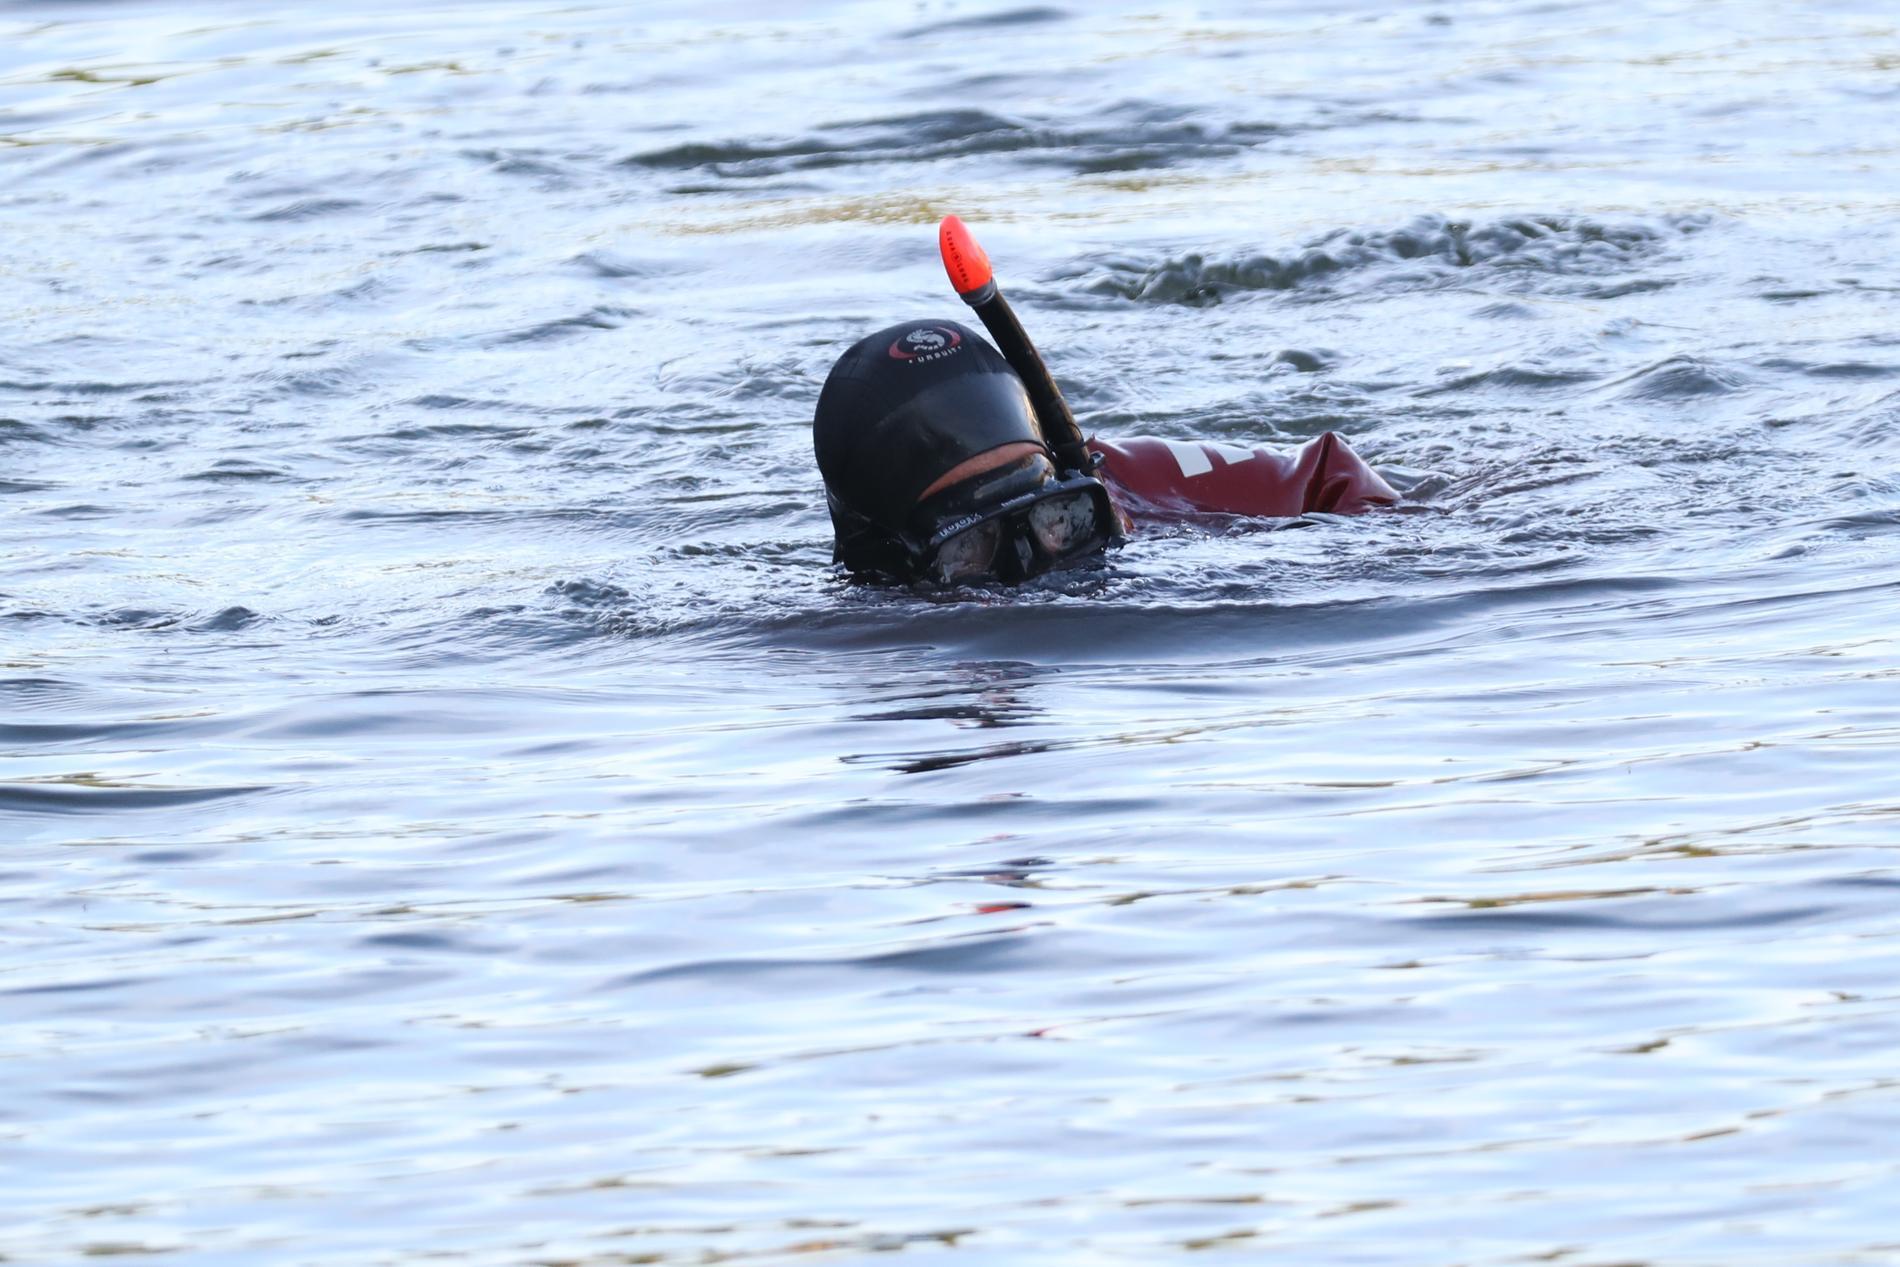 Länsstyrelsen inför förbud mot att dyka, ankra, fiska och använda undervattensfarkoster inom en radie av 800 meter från vraket Svärdet utanför Öland. Arkivbild.